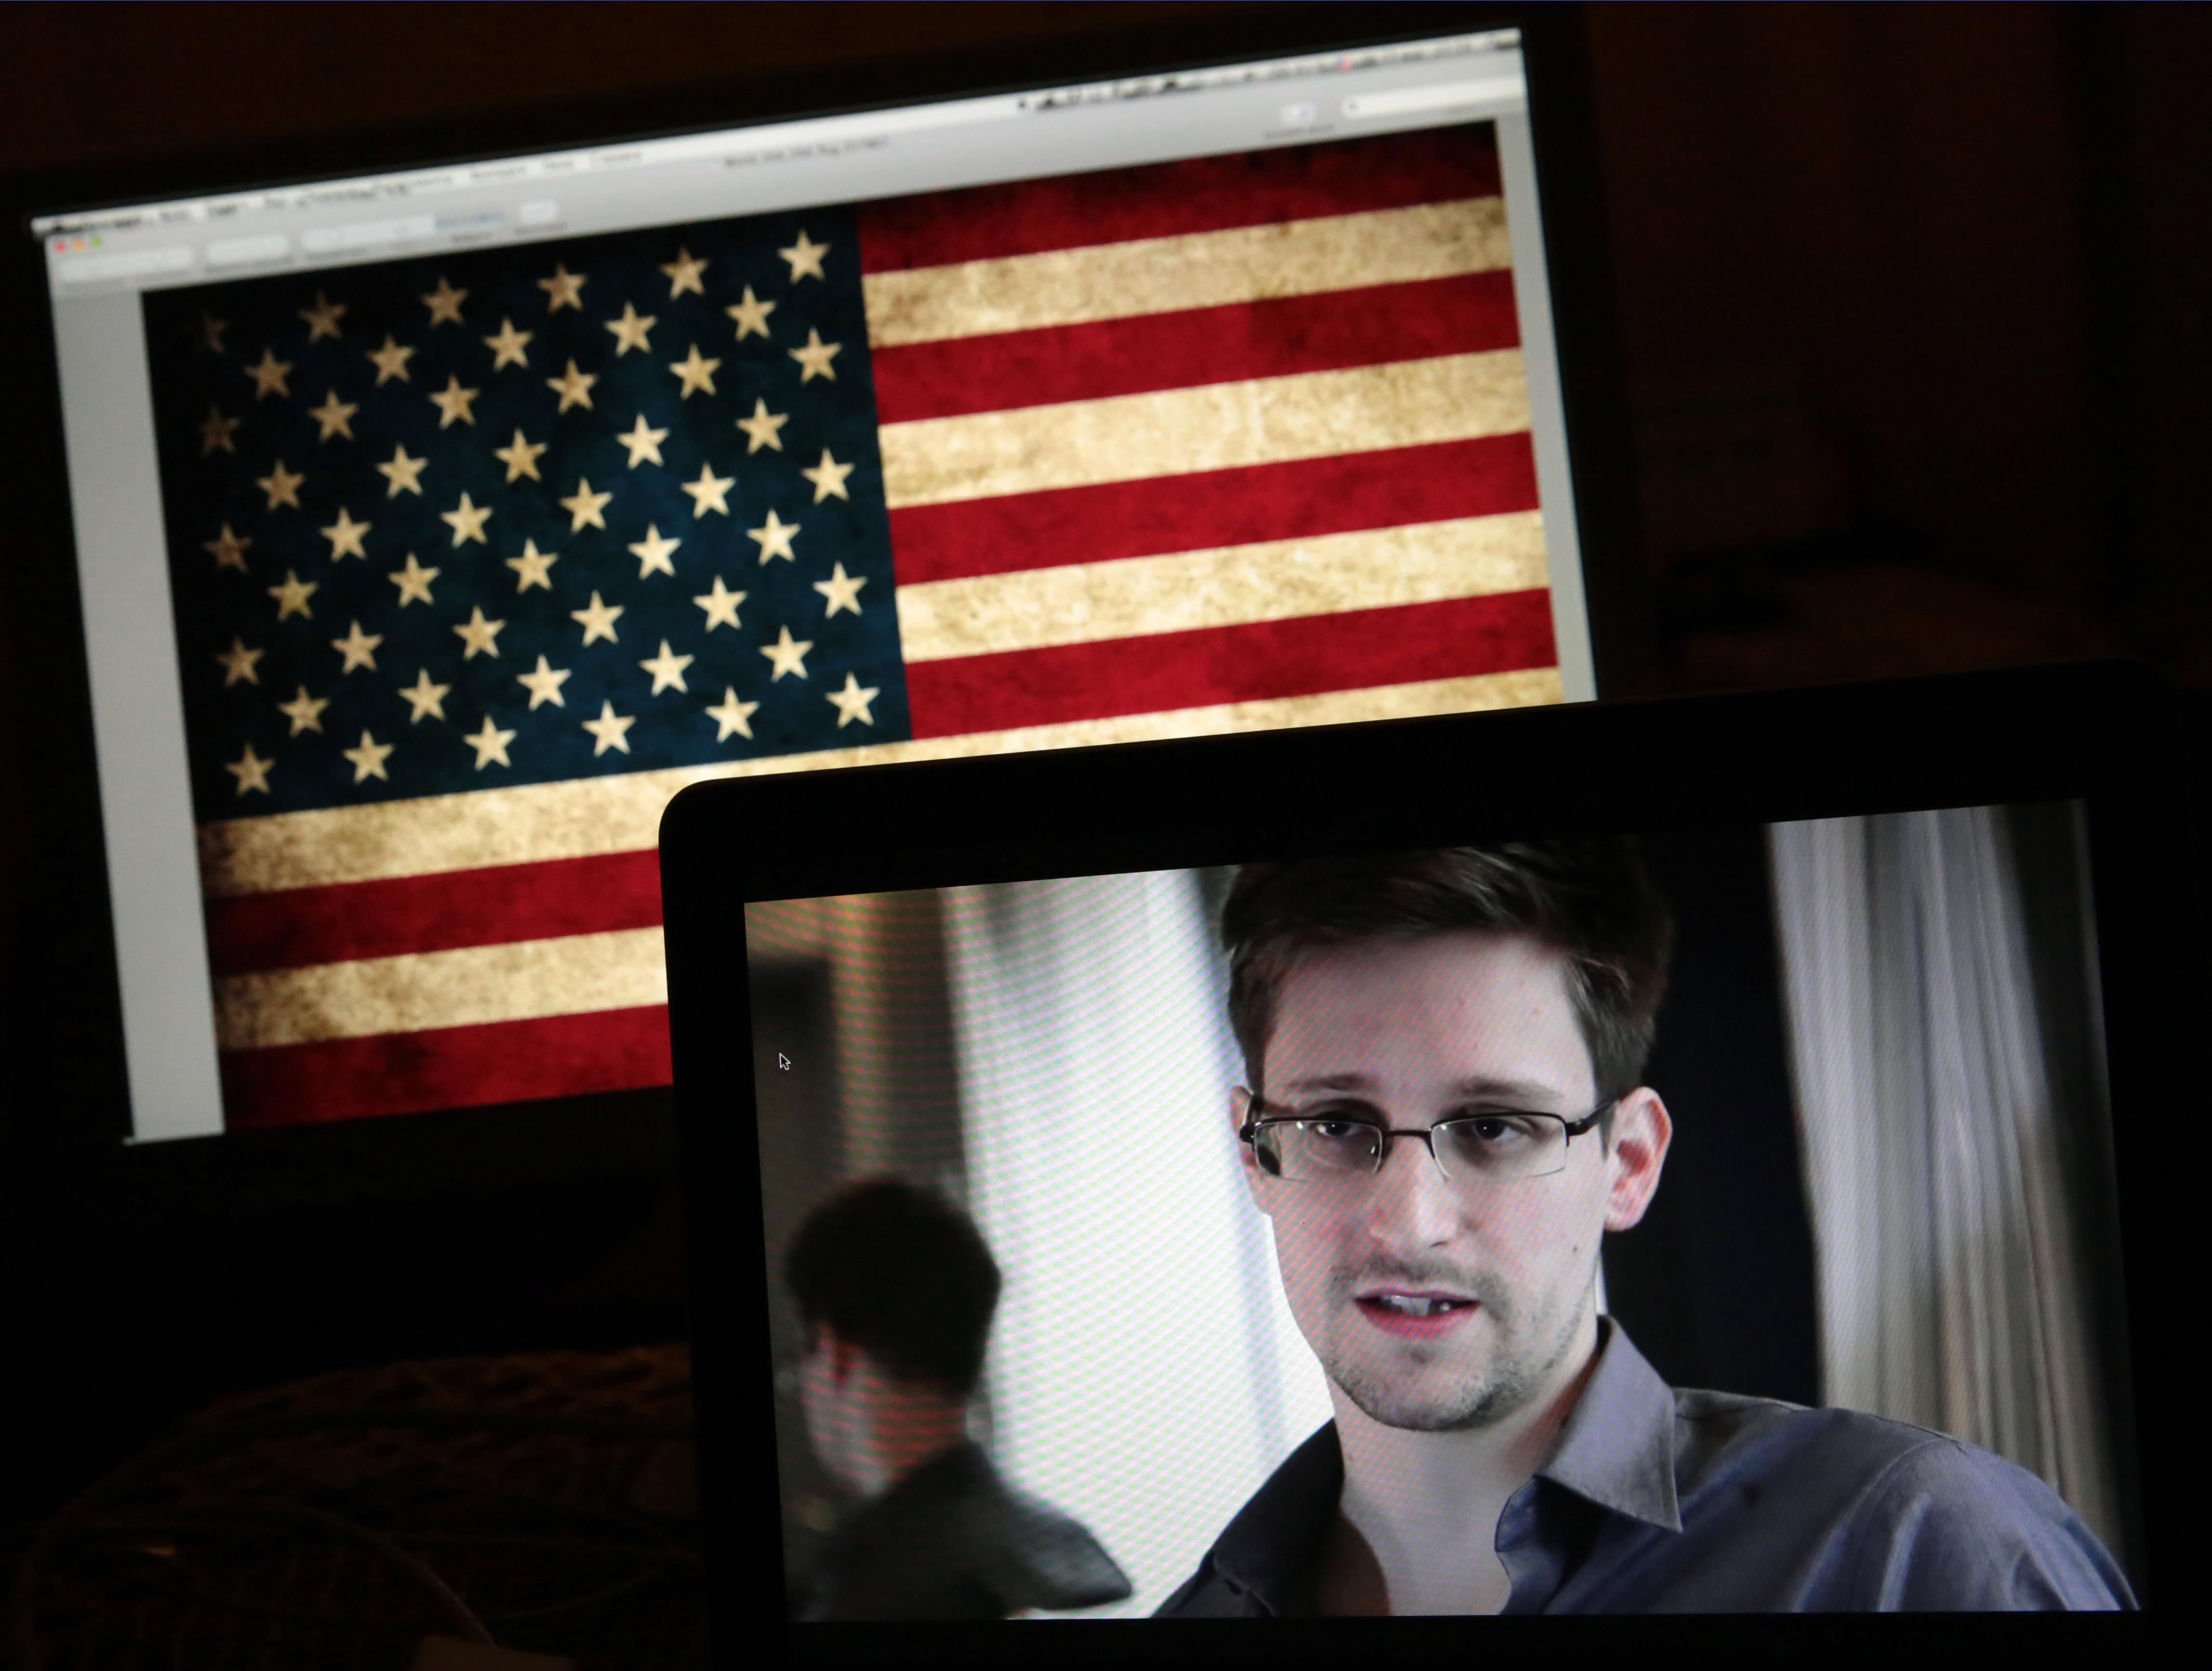 Юрист Кучерена: Больше всего в Российской Федерации Сноудену нравится Петербург